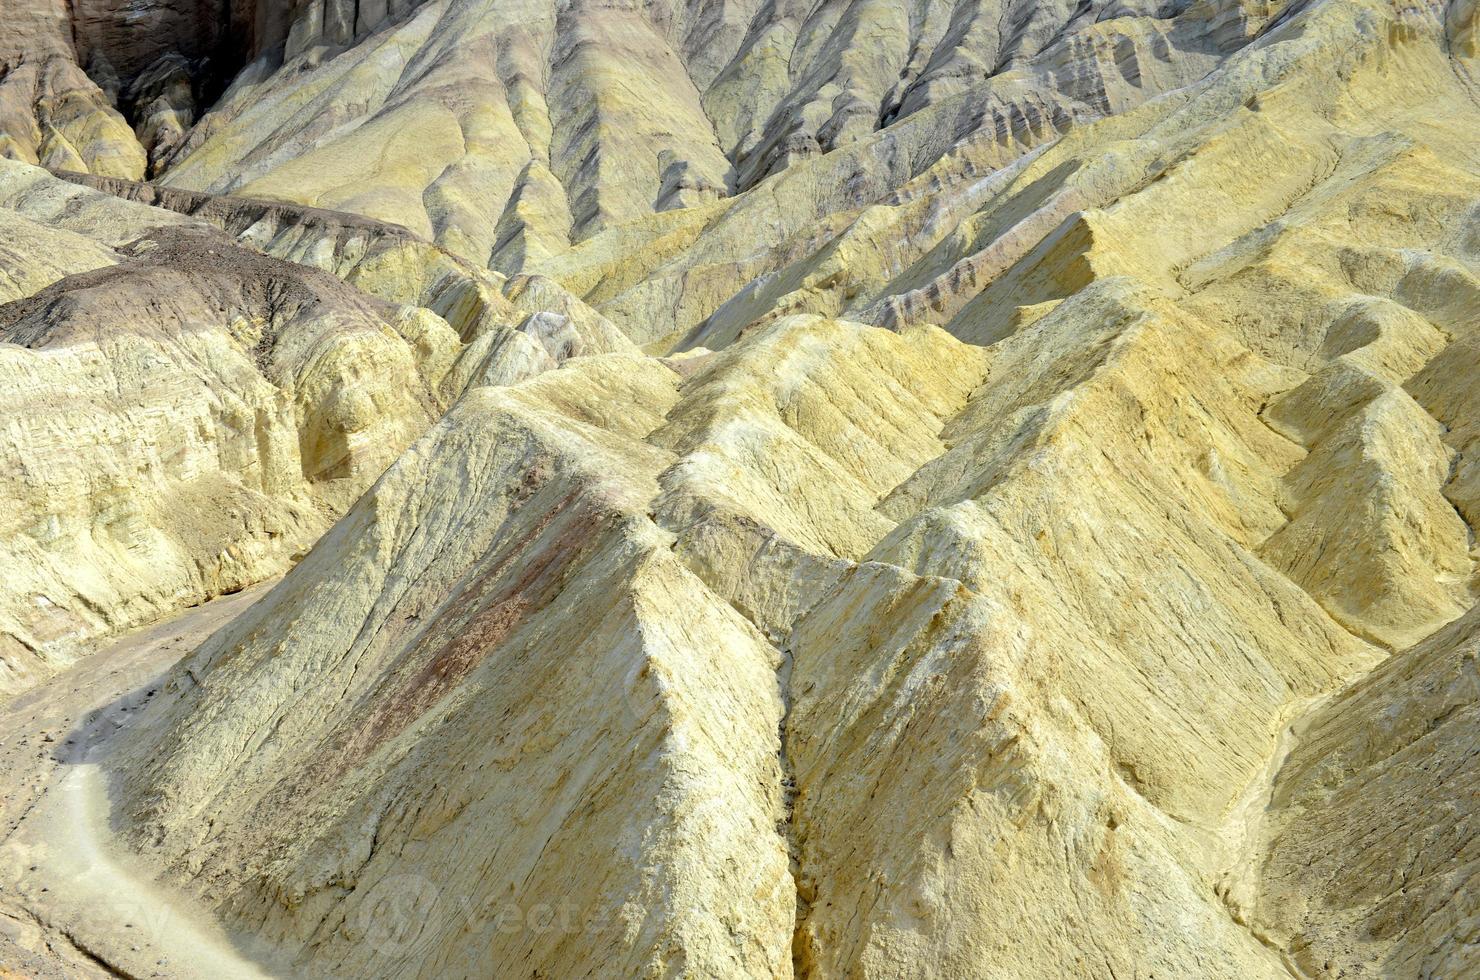 paesaggio desertico calanchi, parco nazionale della valle della morte foto